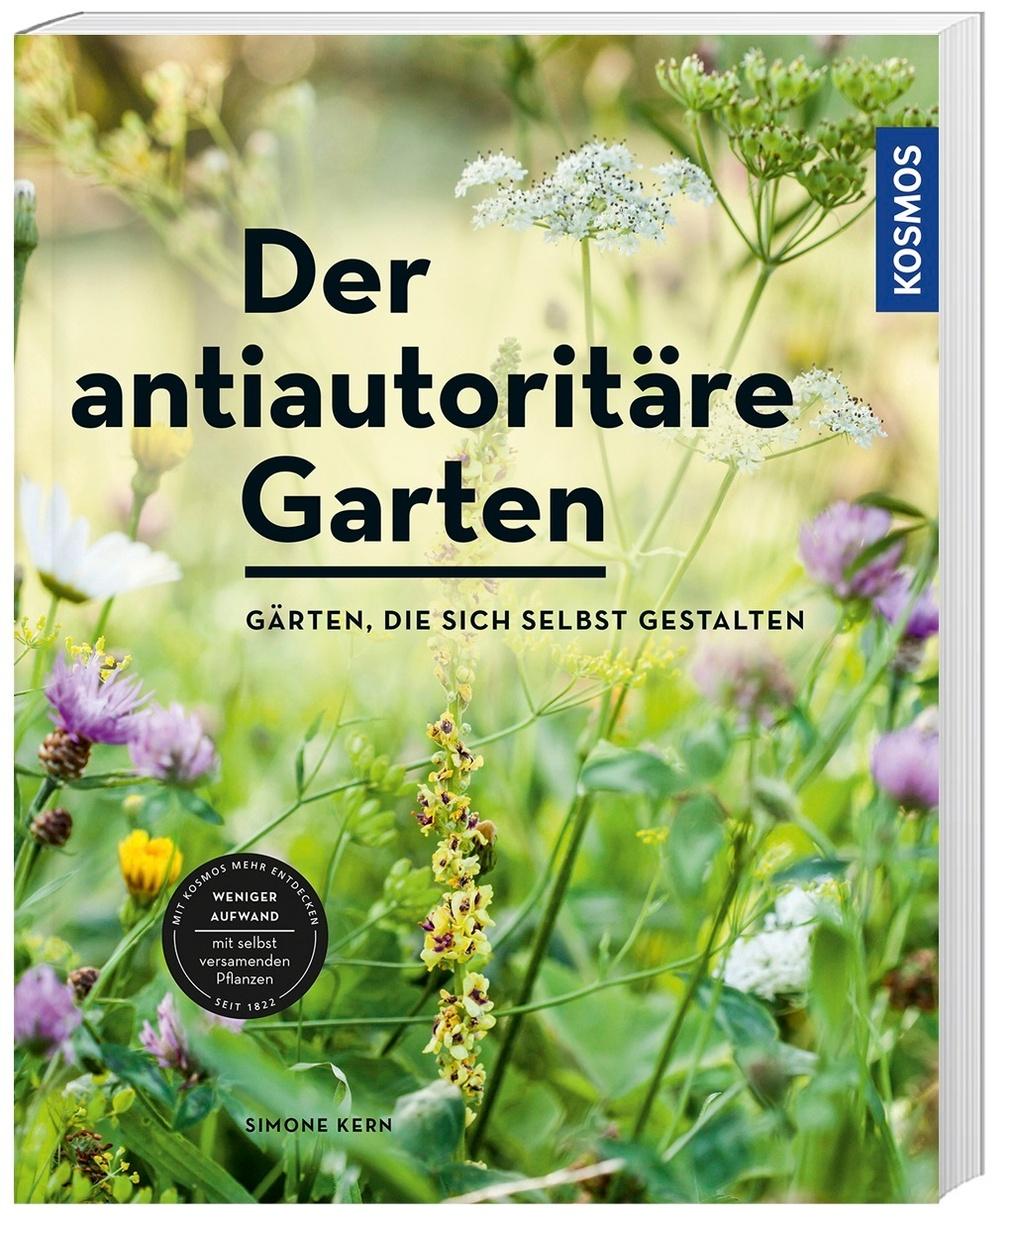 Der antiautoritäre Garten Buch versandkostenfrei bei Weltbild